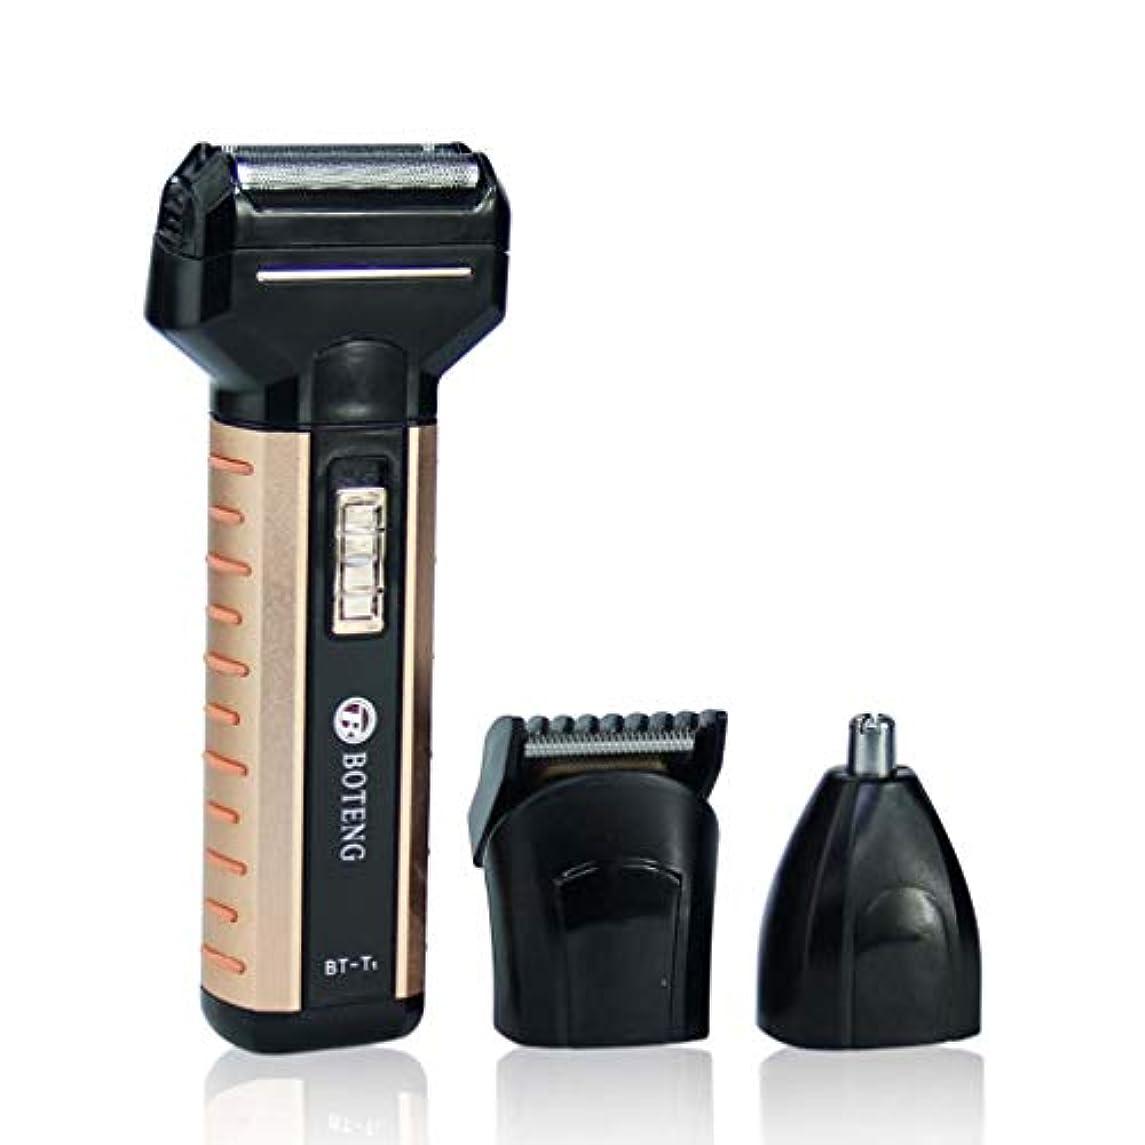 東ティモール発見する湿原頭と顔のための男性の電気カミソリ用USB充電式電気シェーバー、防水トリマーコードレス